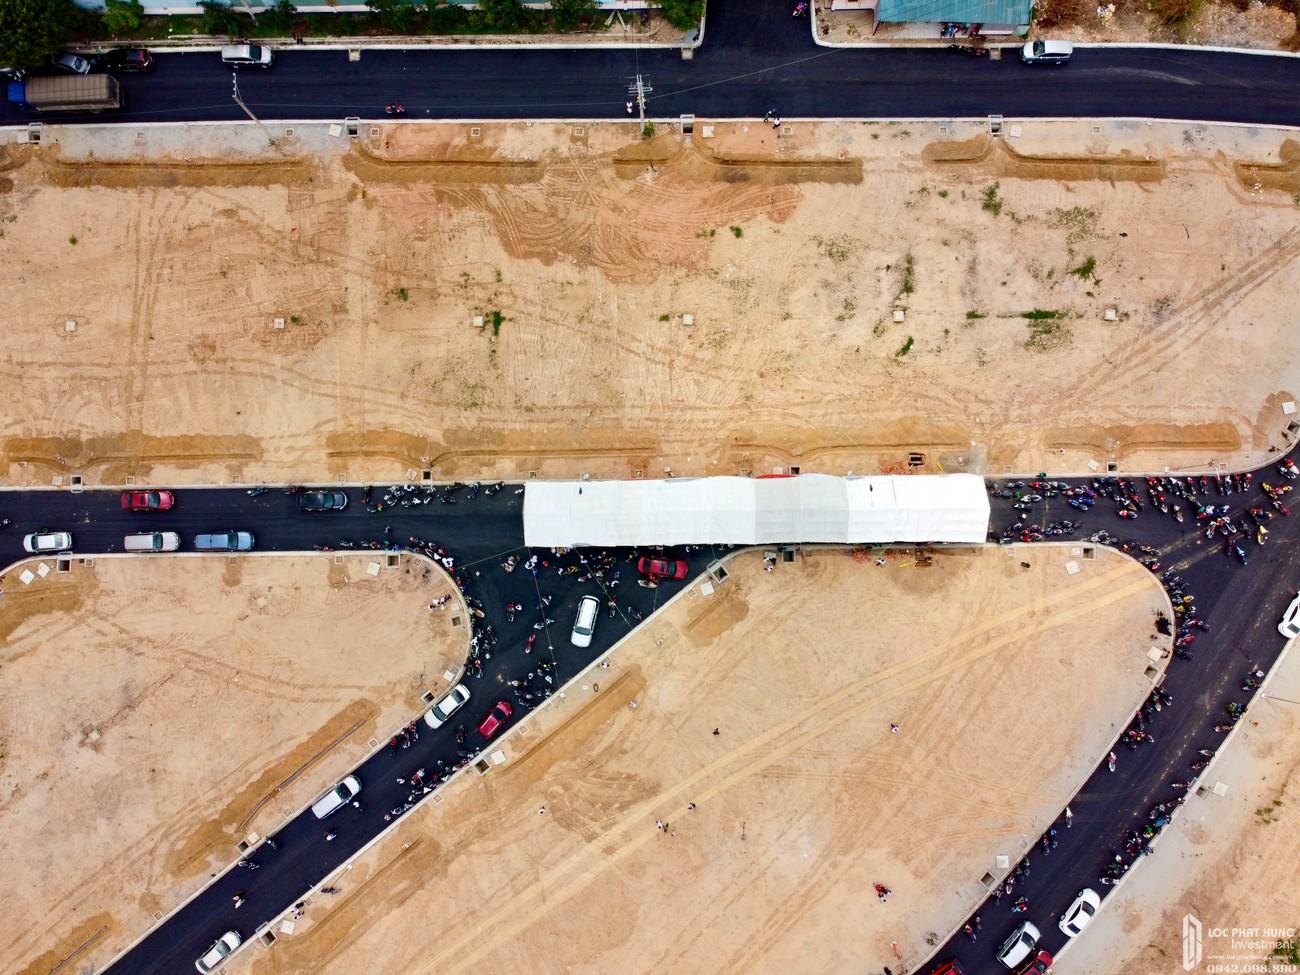 Tiến độ dự án đất nền nhà phố Bình Dương Avenue City 09/05/2020 Bến Cát Đường Quốc lộ 13 chủ đầu tư Phú Cường